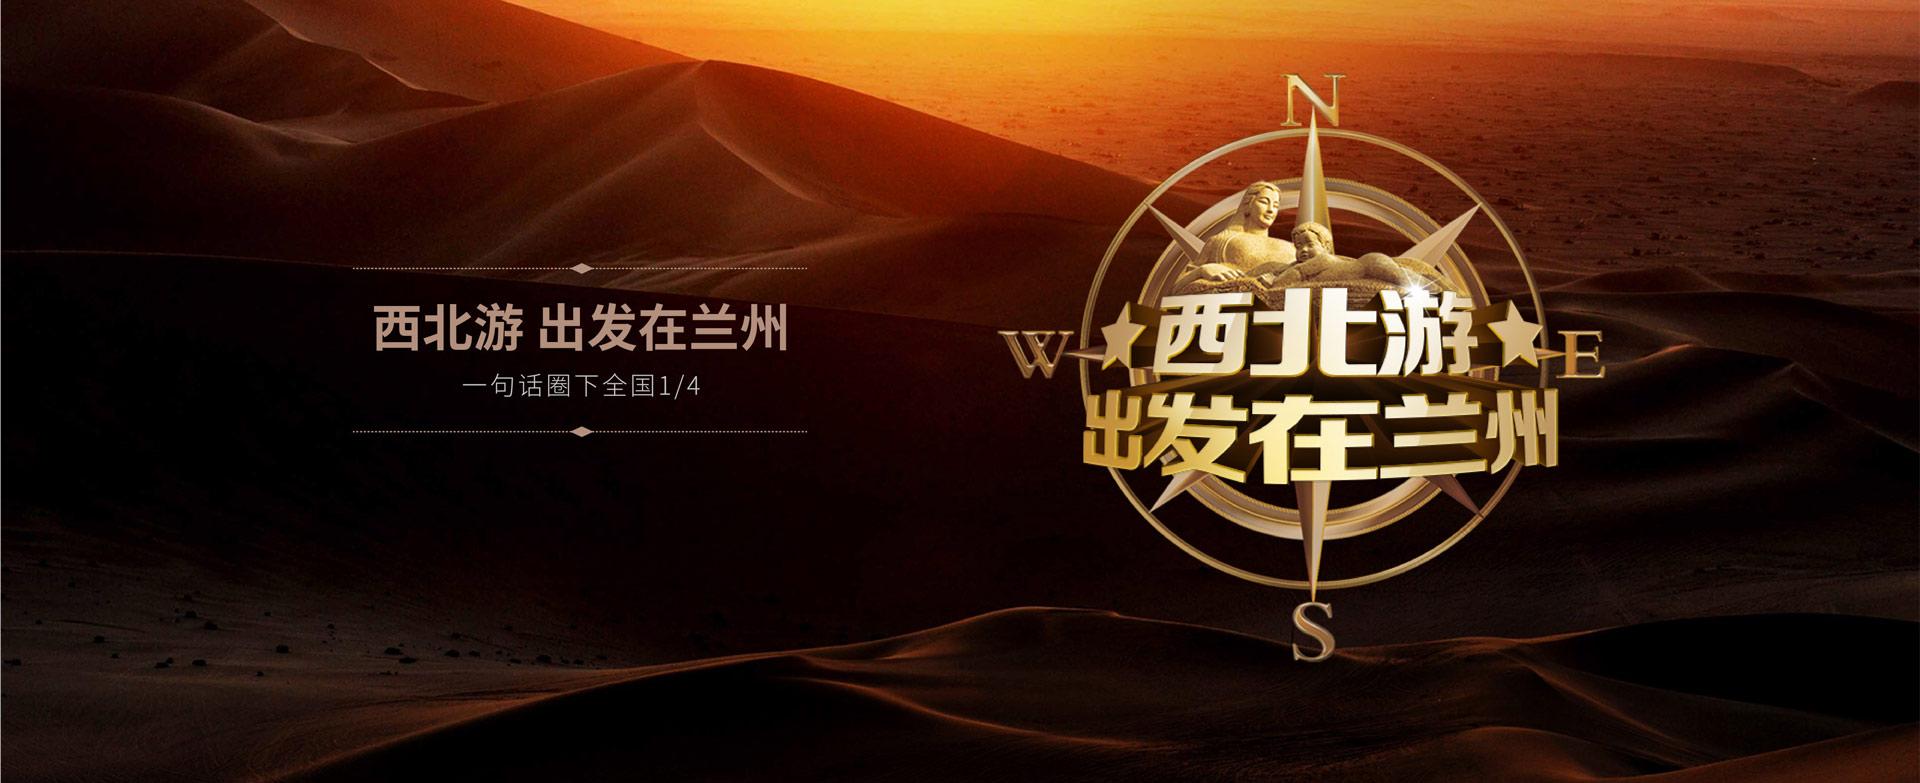 品牌策划公司兰州旅游企业营销策划:中国西北游,出发在兰州